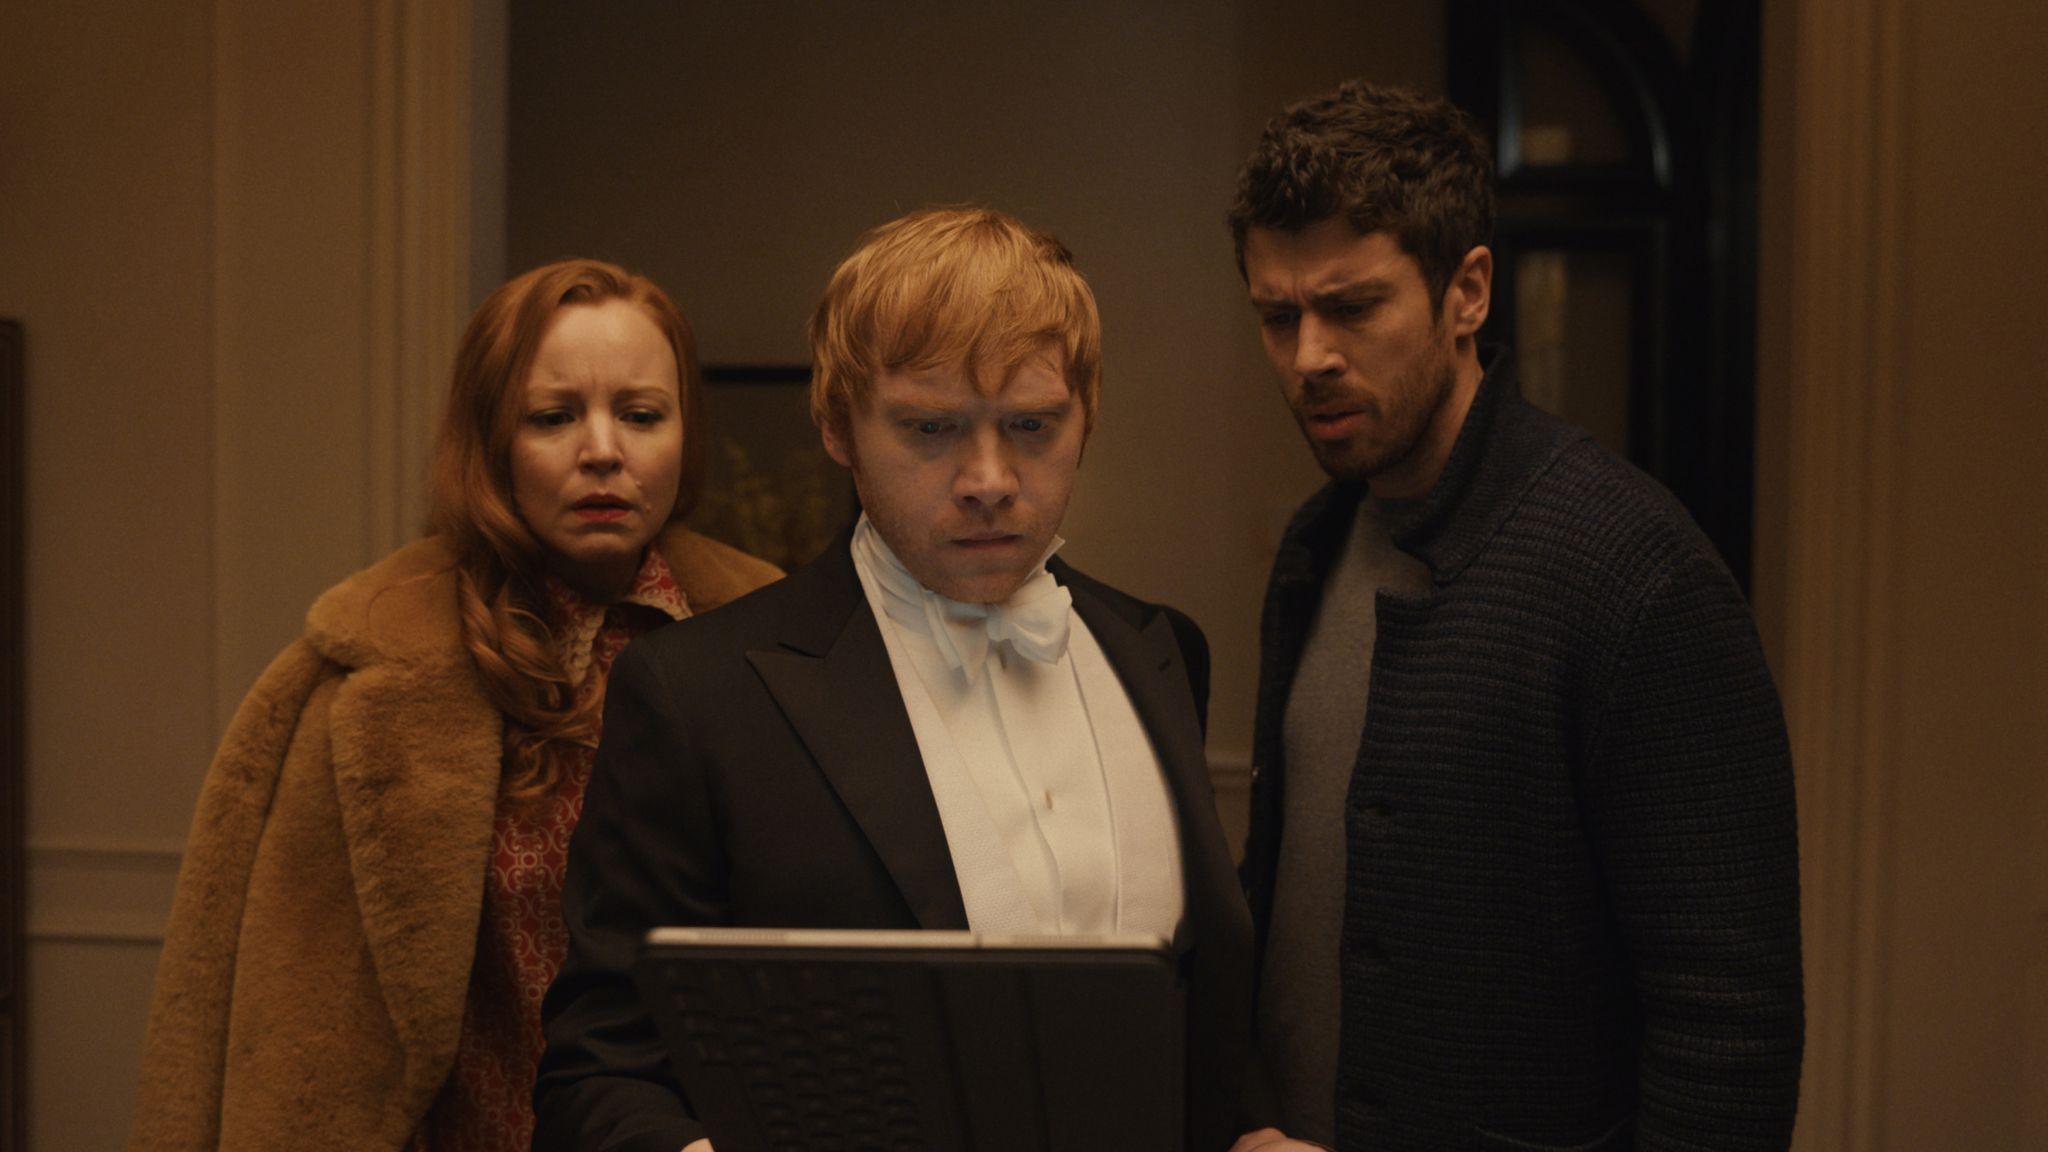 Lauren Ambrose, Rupert Grint and Toby Kebbell in Servant, premiering 15 January on Apple TV+.